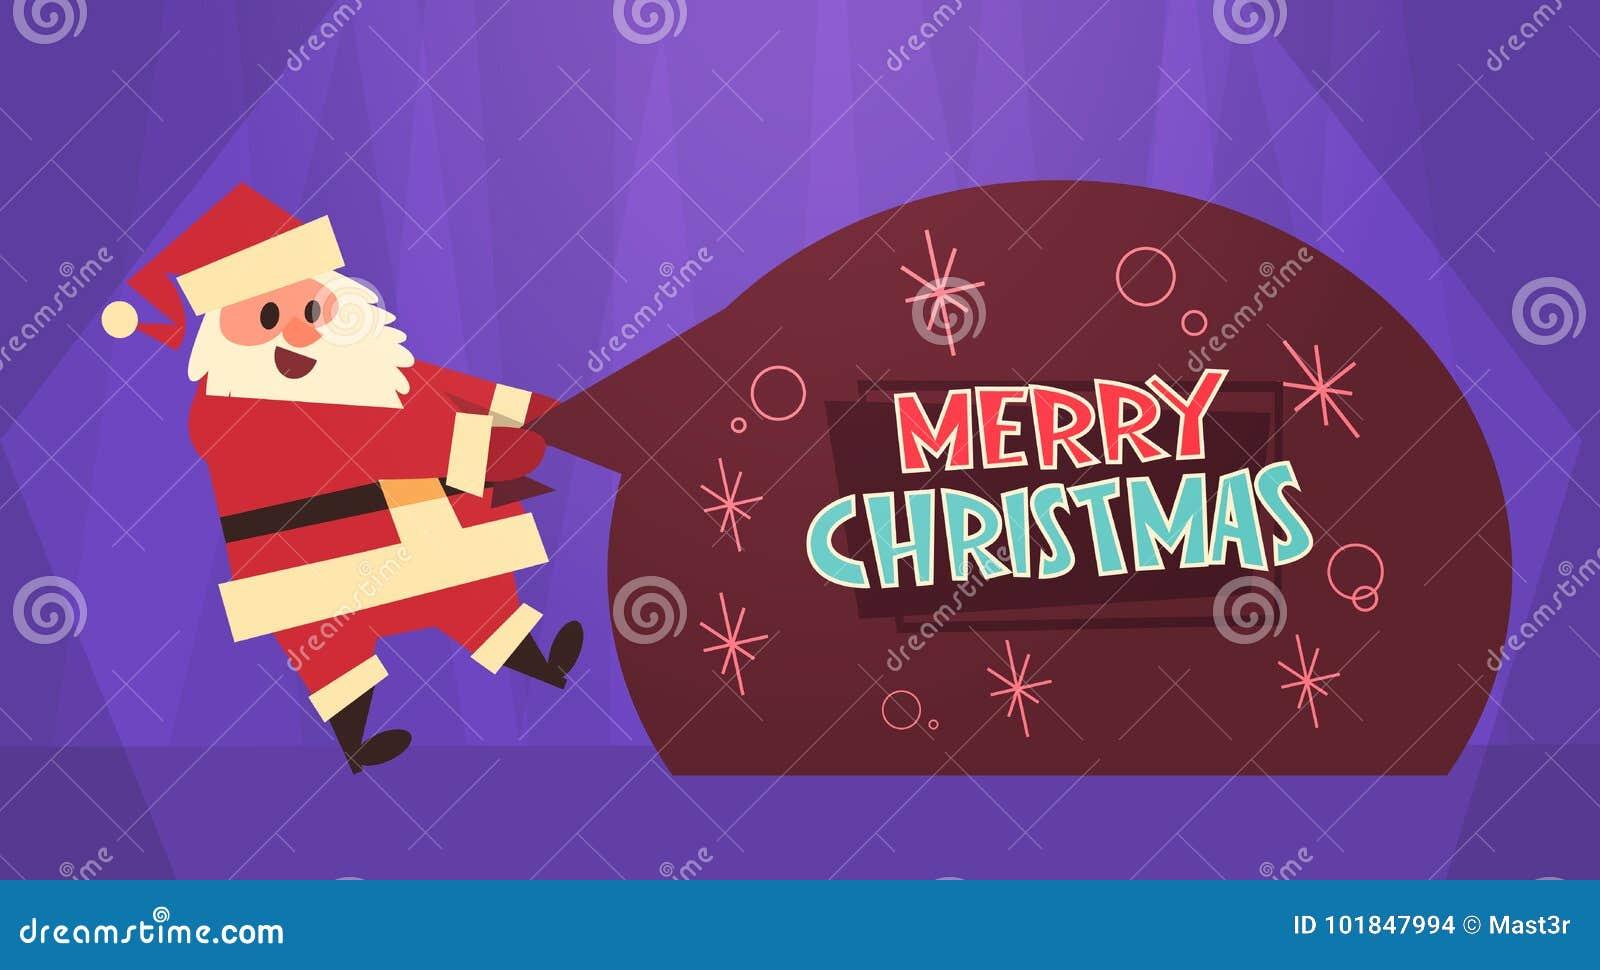 Frohe Weihnacht-und Guten Rutsch Ins Neue Jahr-Gruß-Karten-Santa ...